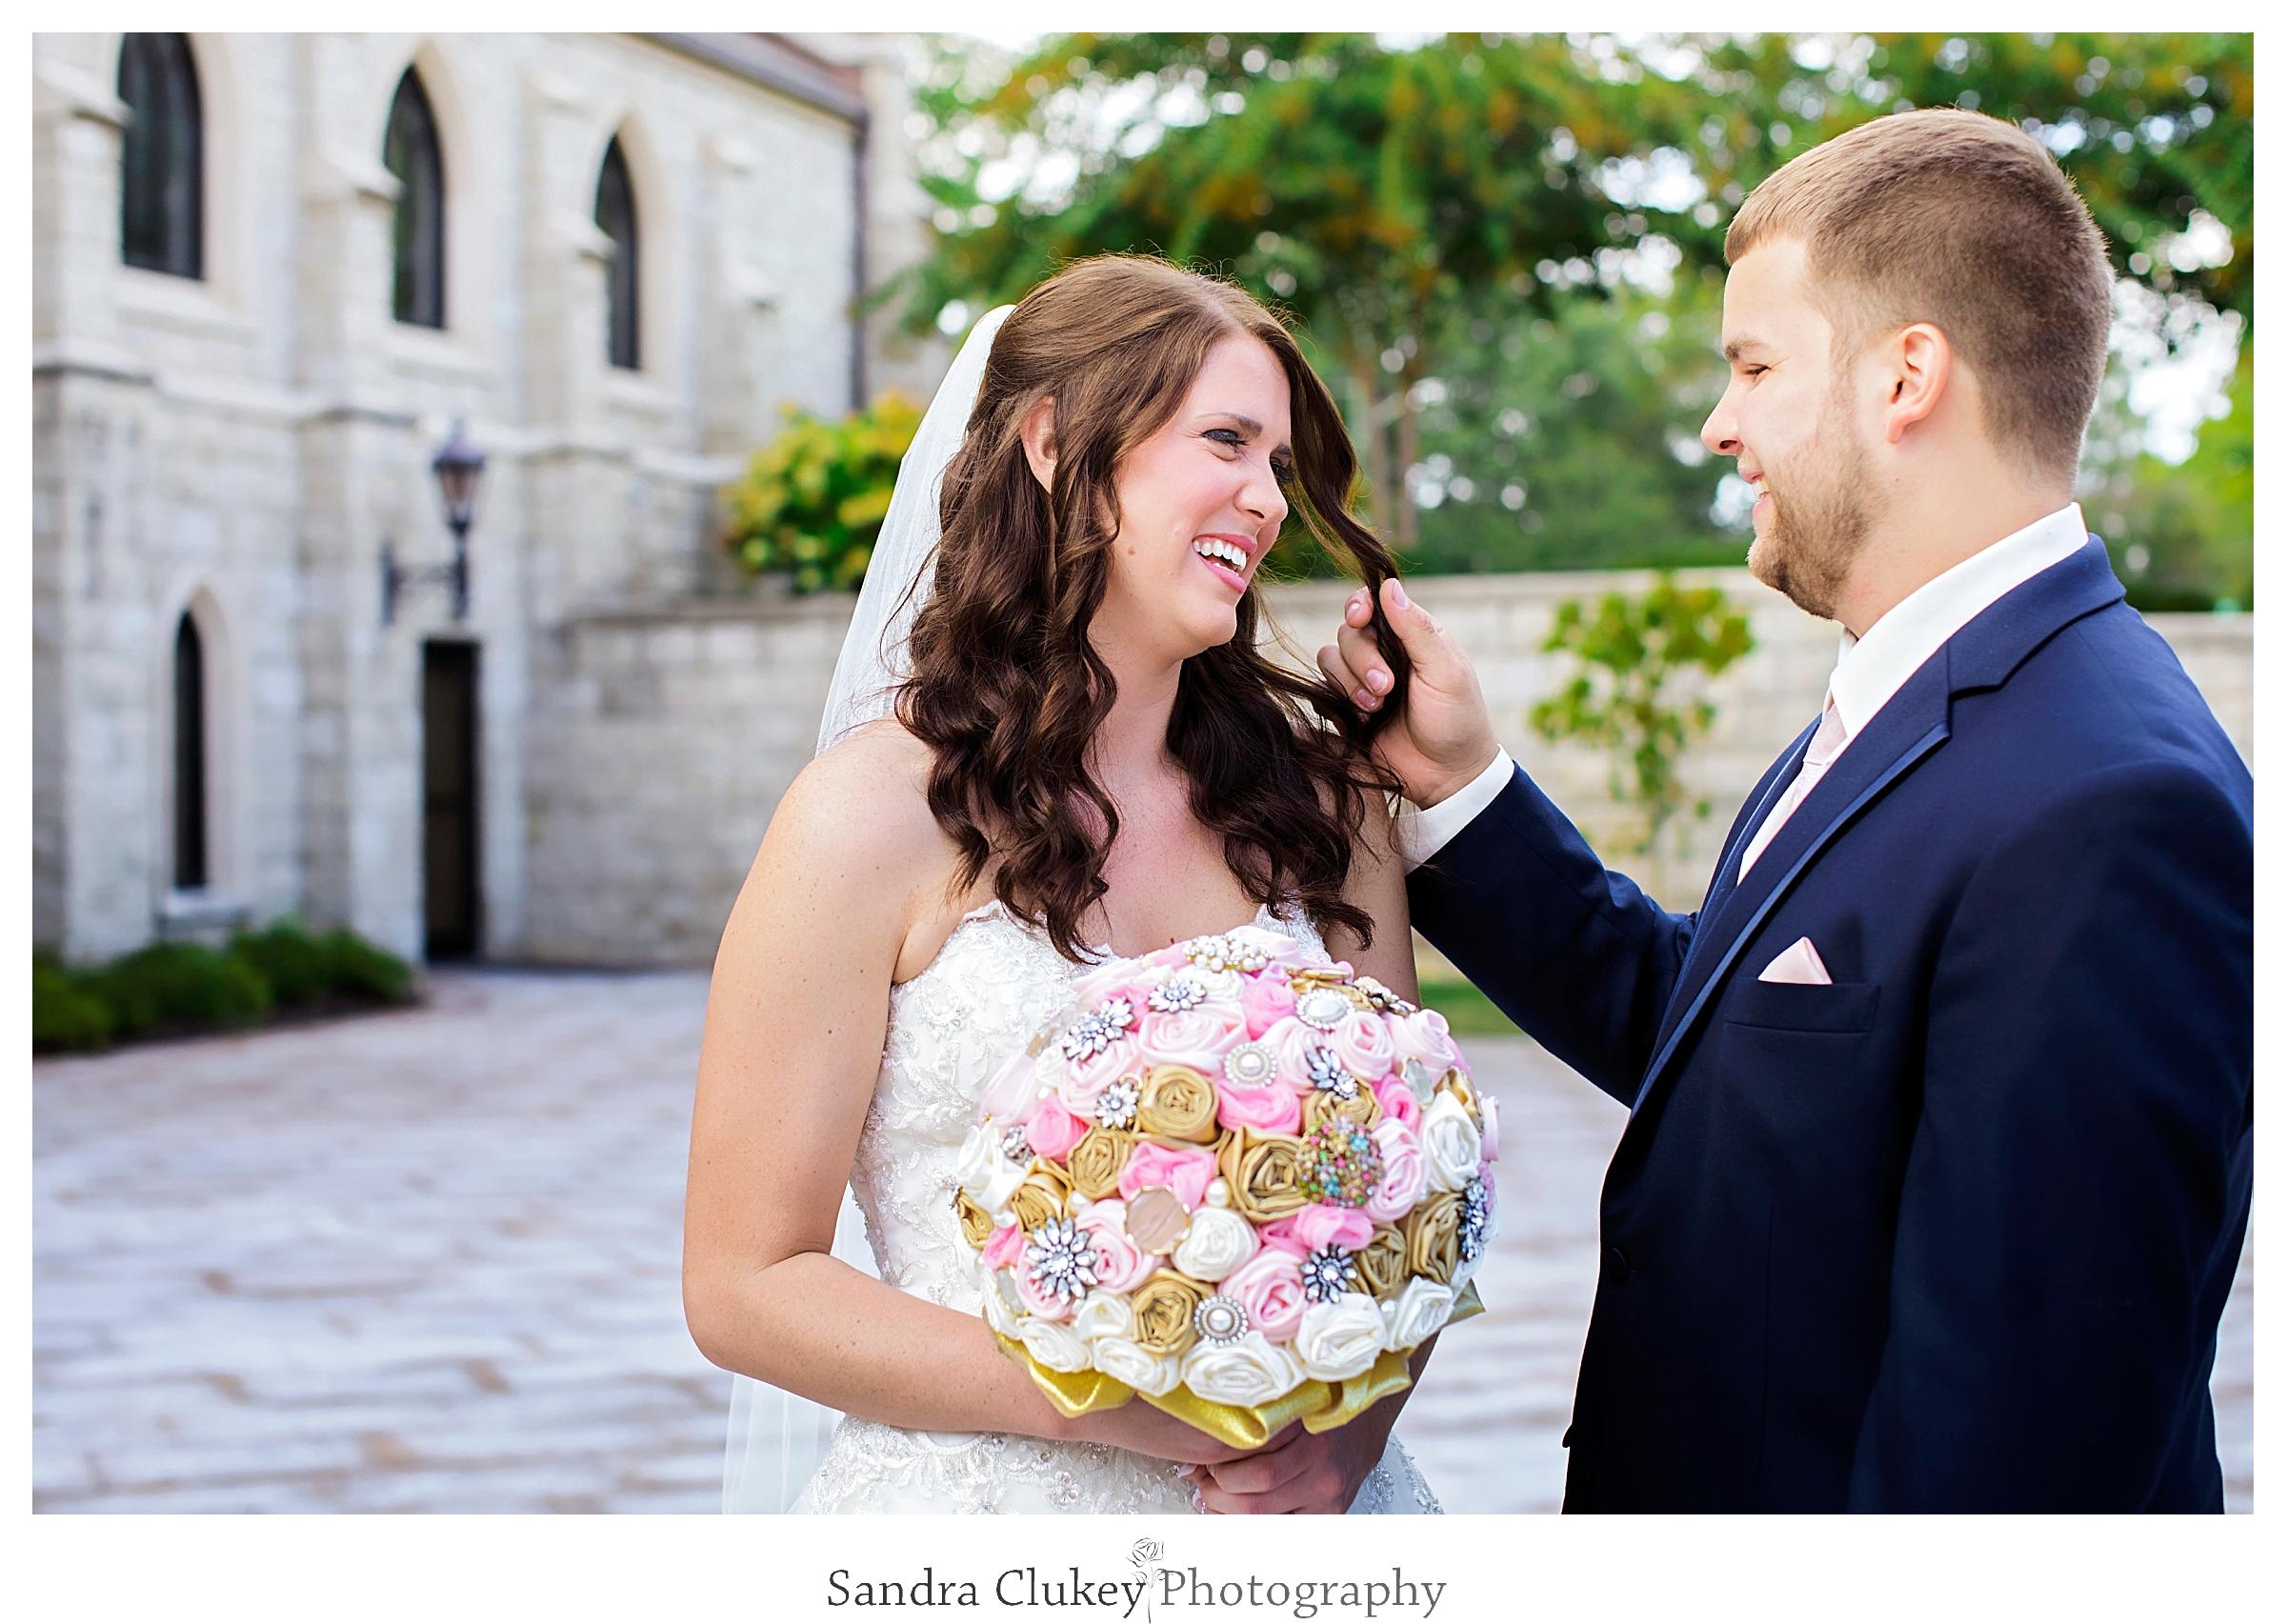 Sandra Clukey Photography_1610.jpg